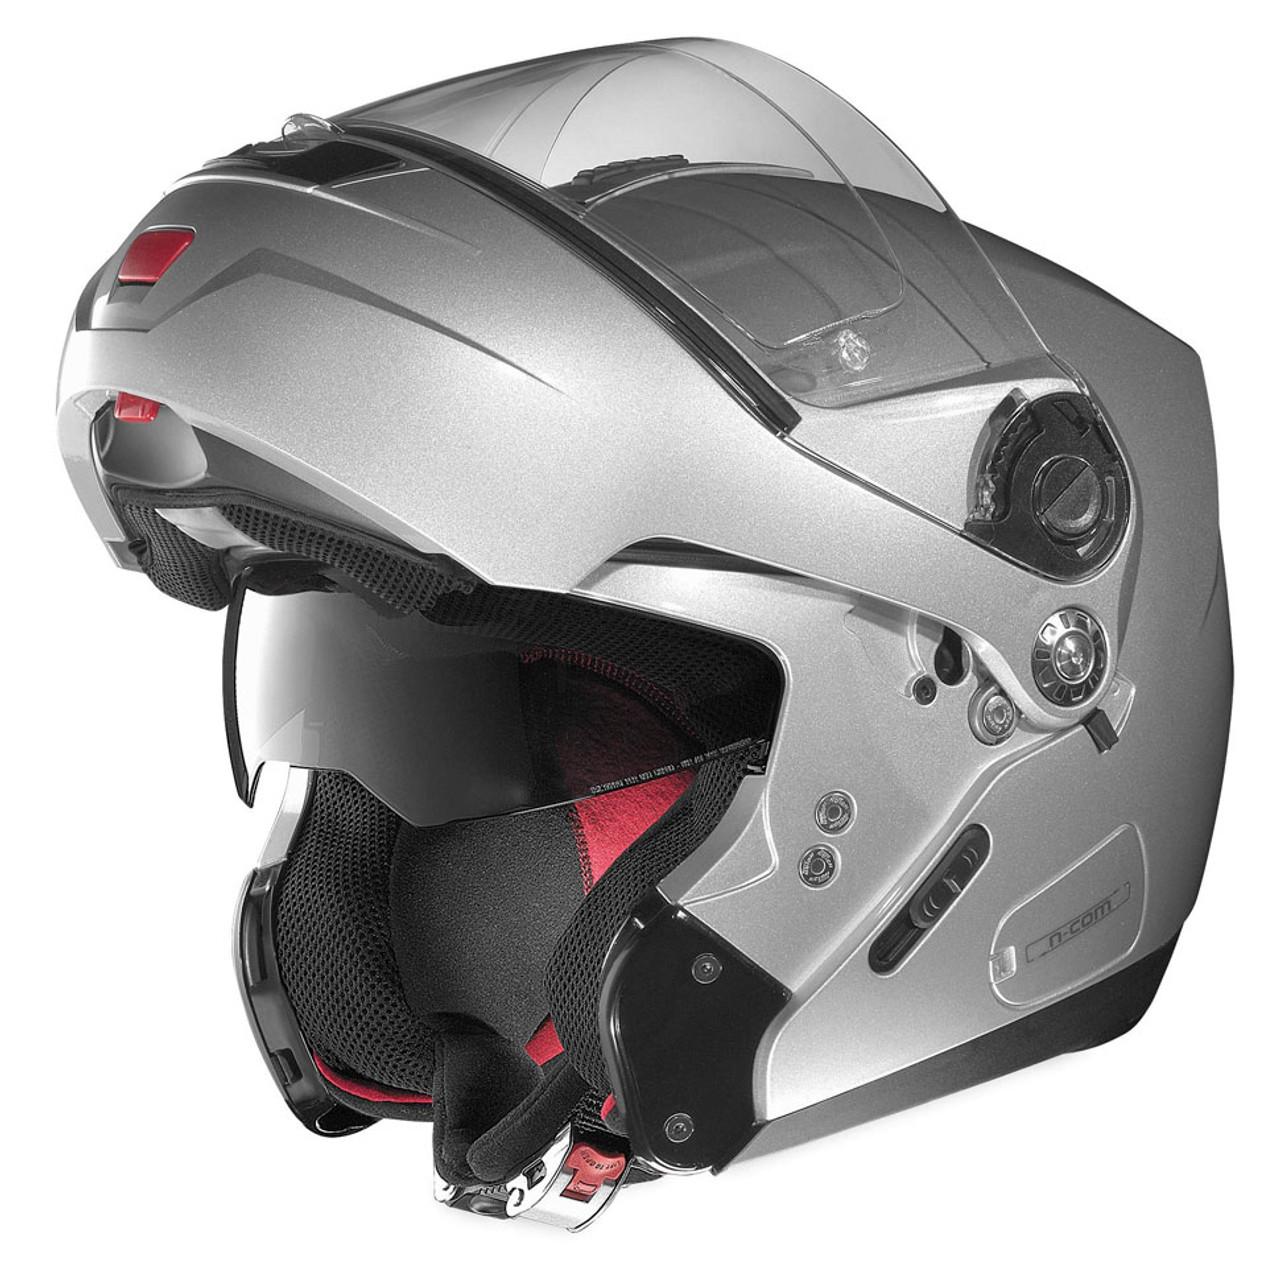 3a4d893e Nolan N91 Modular Motorcycle Helmet - Platinum Silver - Get Lowered ...